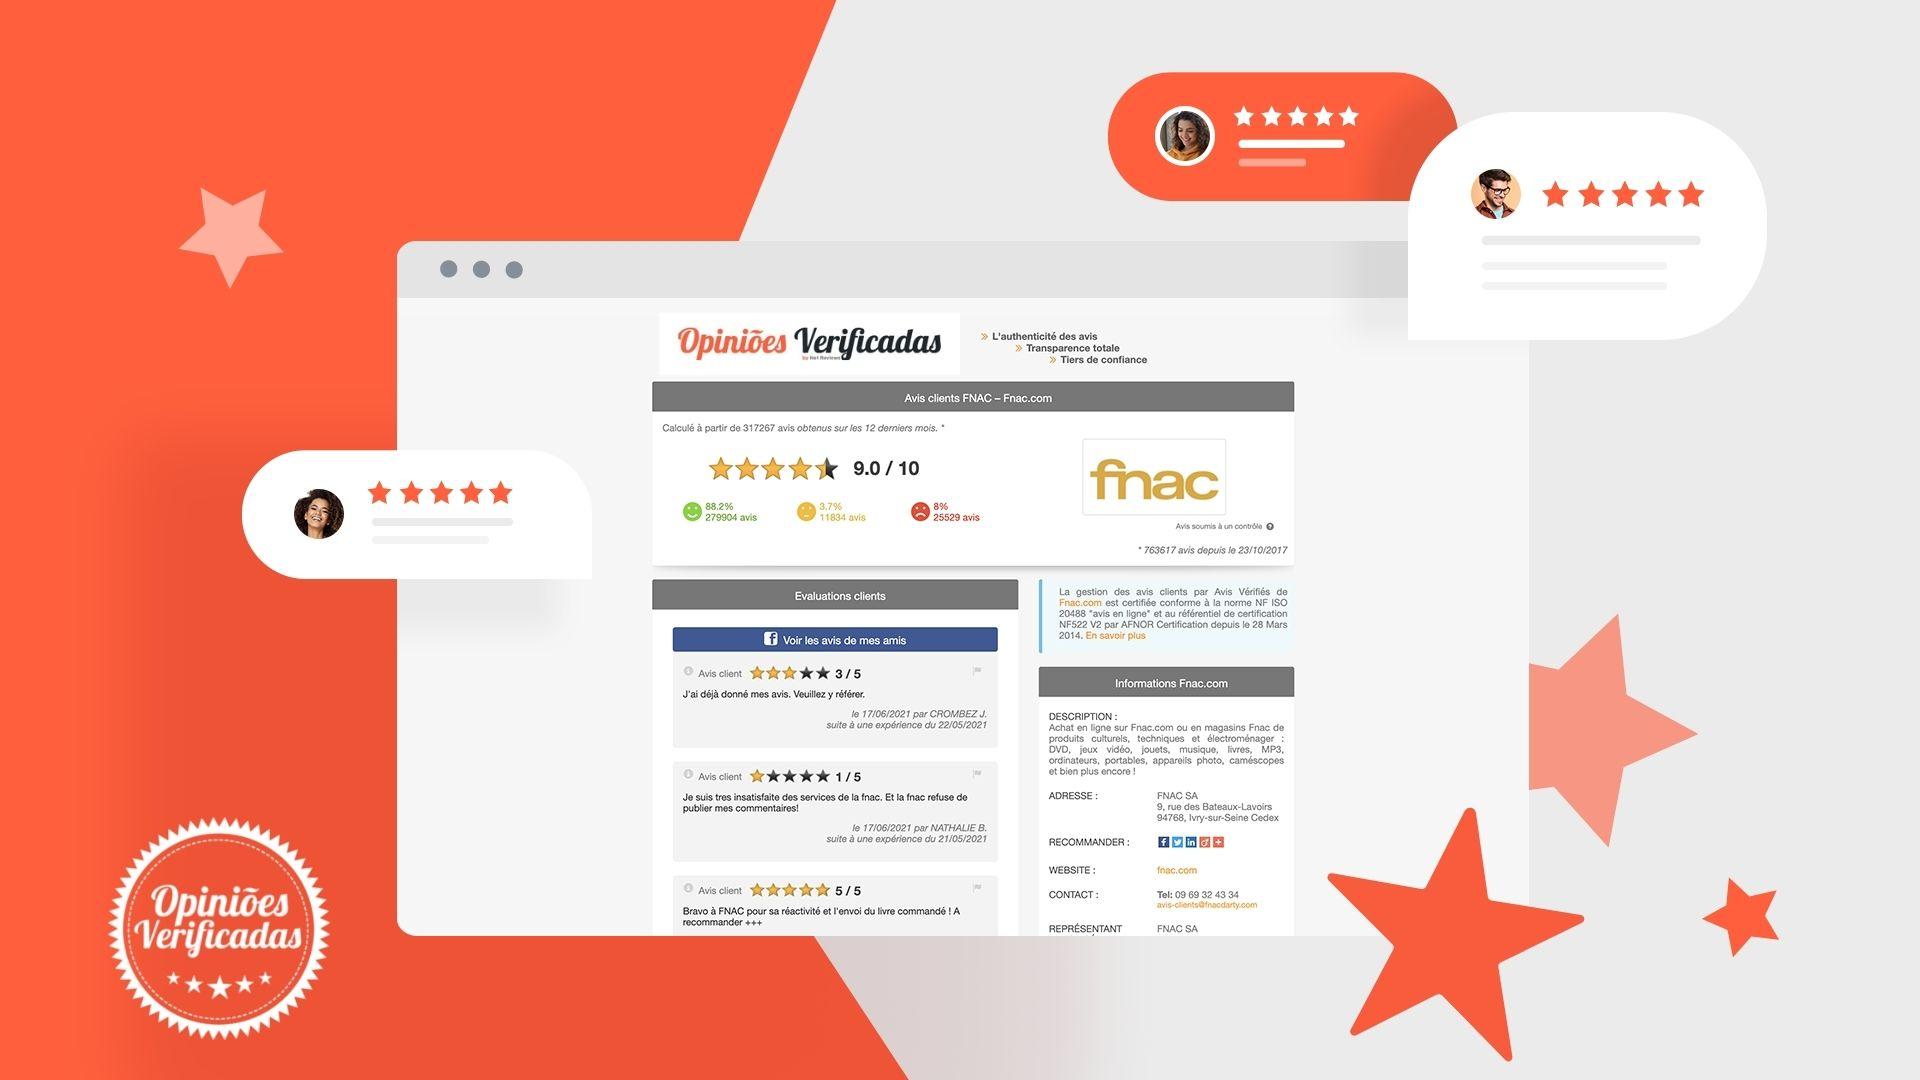 Página Certificada com reviews! Porque ela é tão importante?